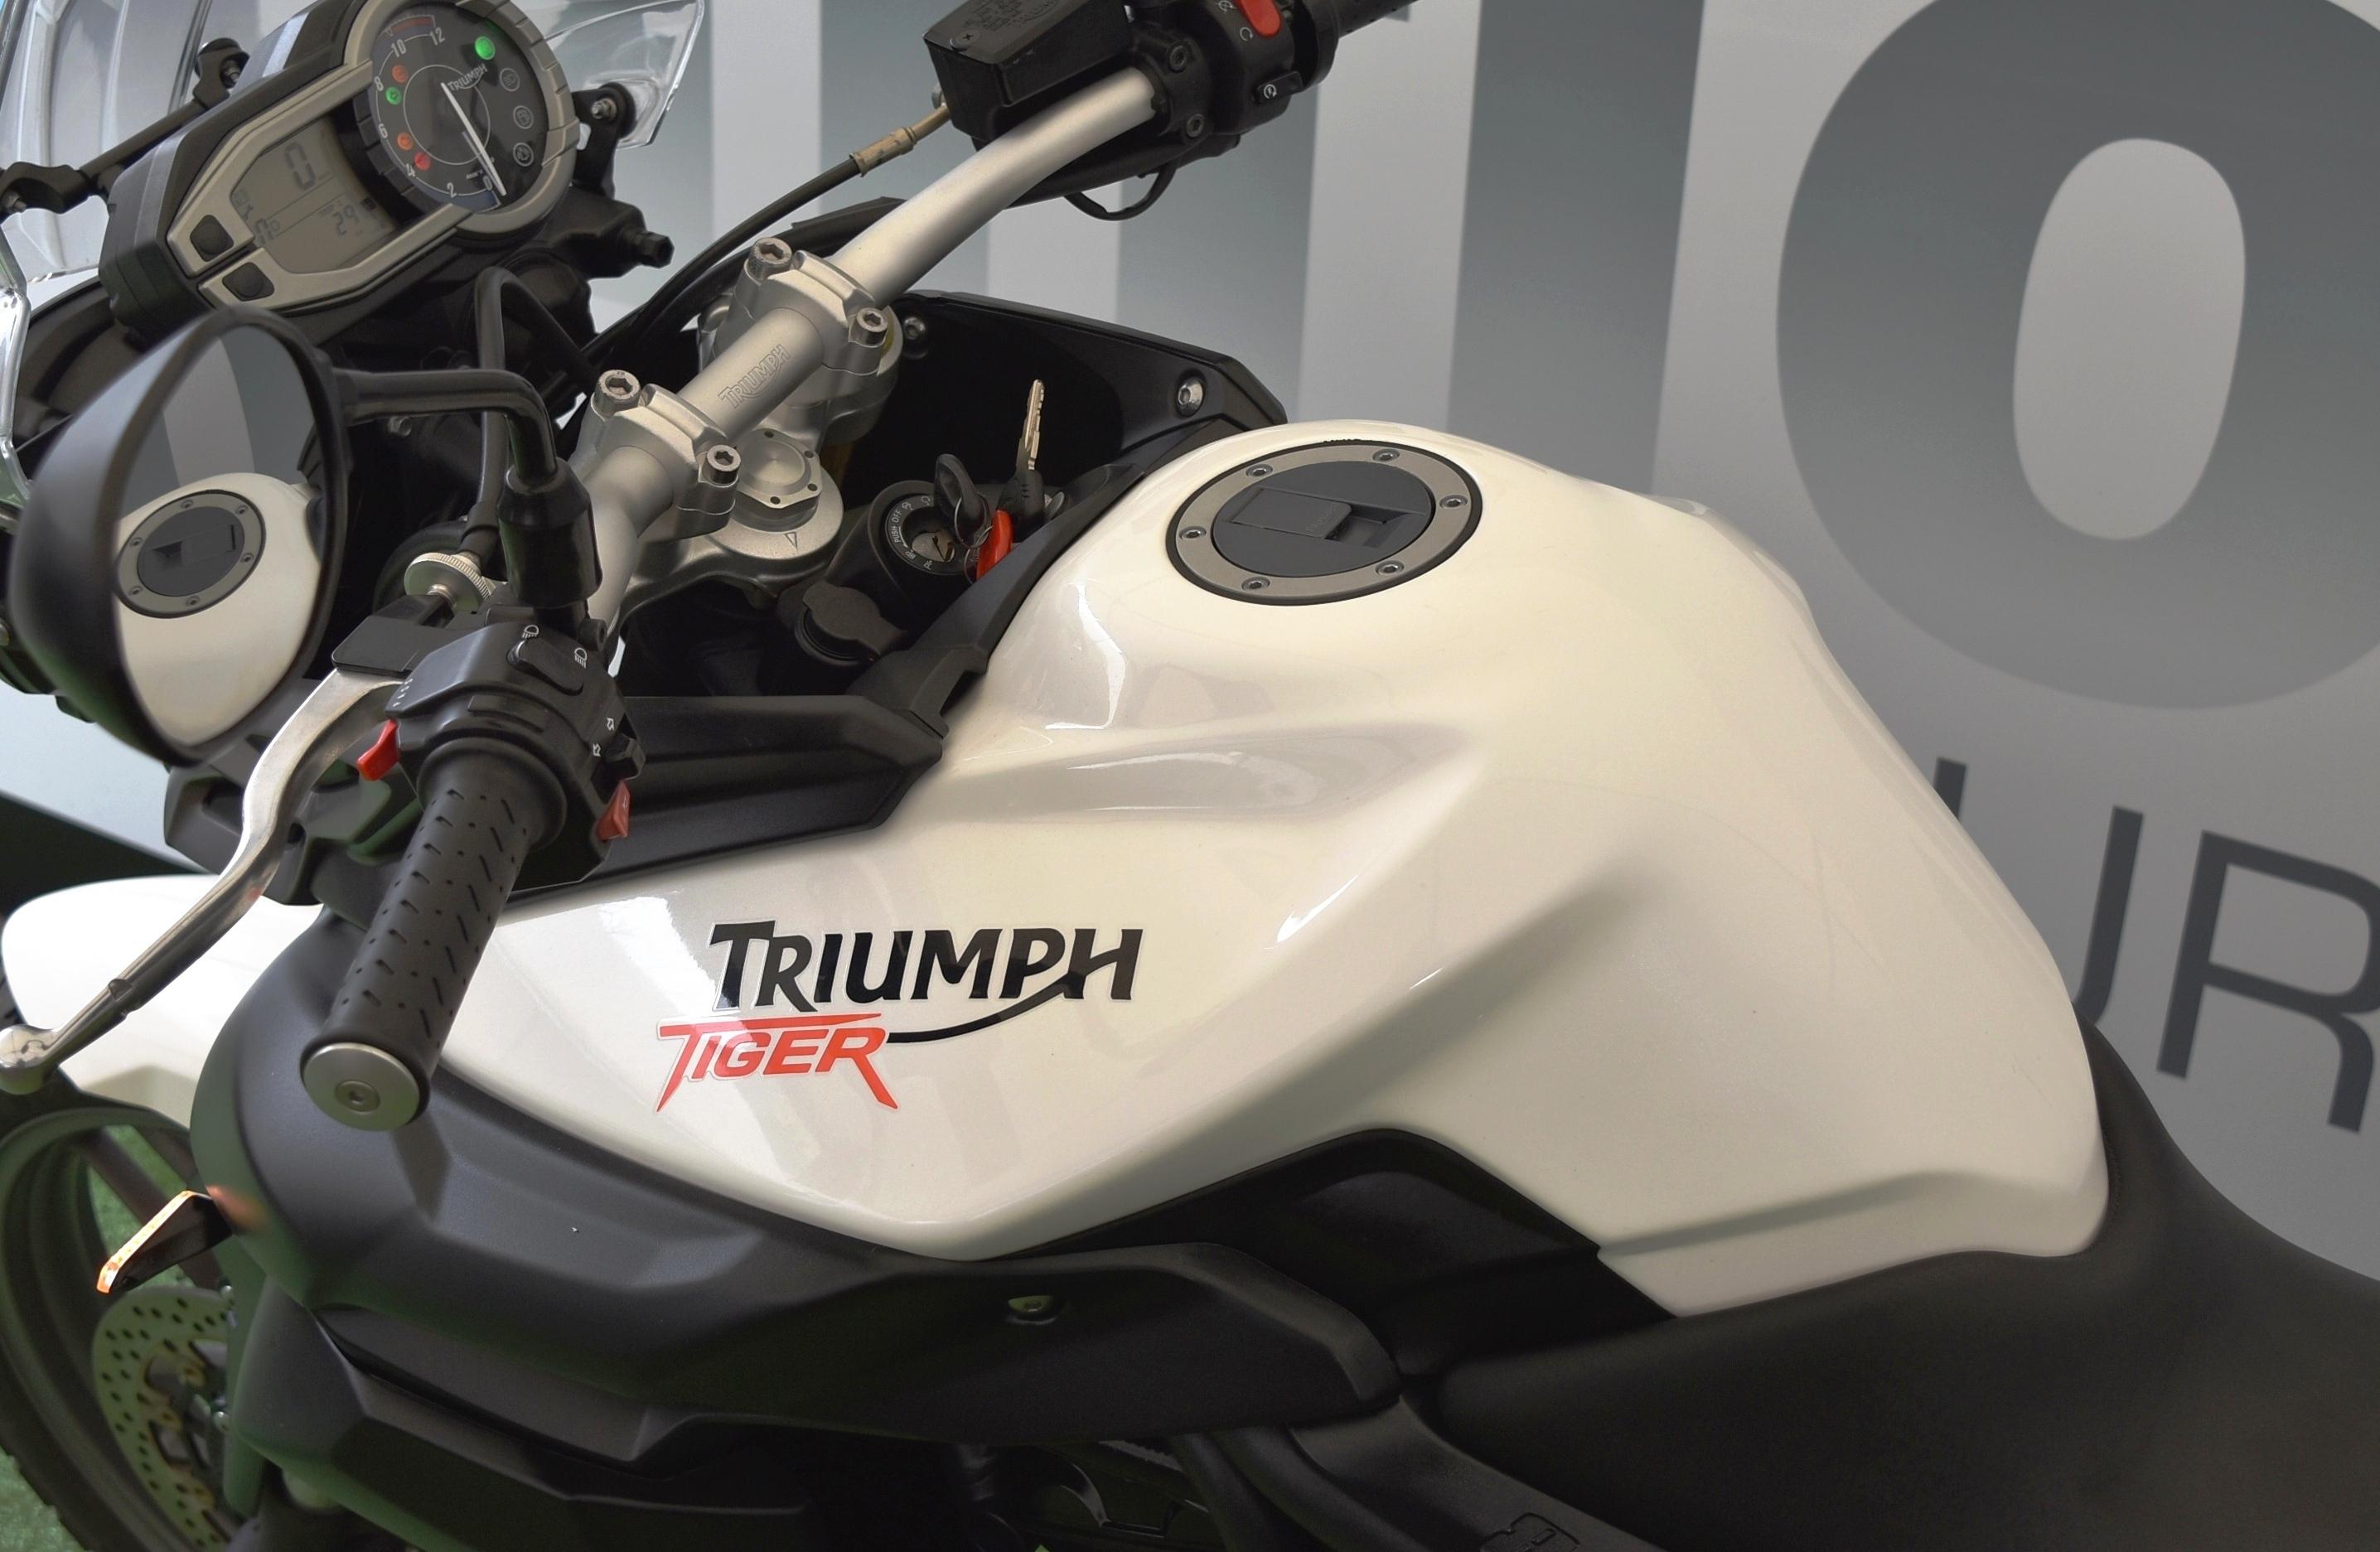 TRIUMPH TIGER 800 – 2010